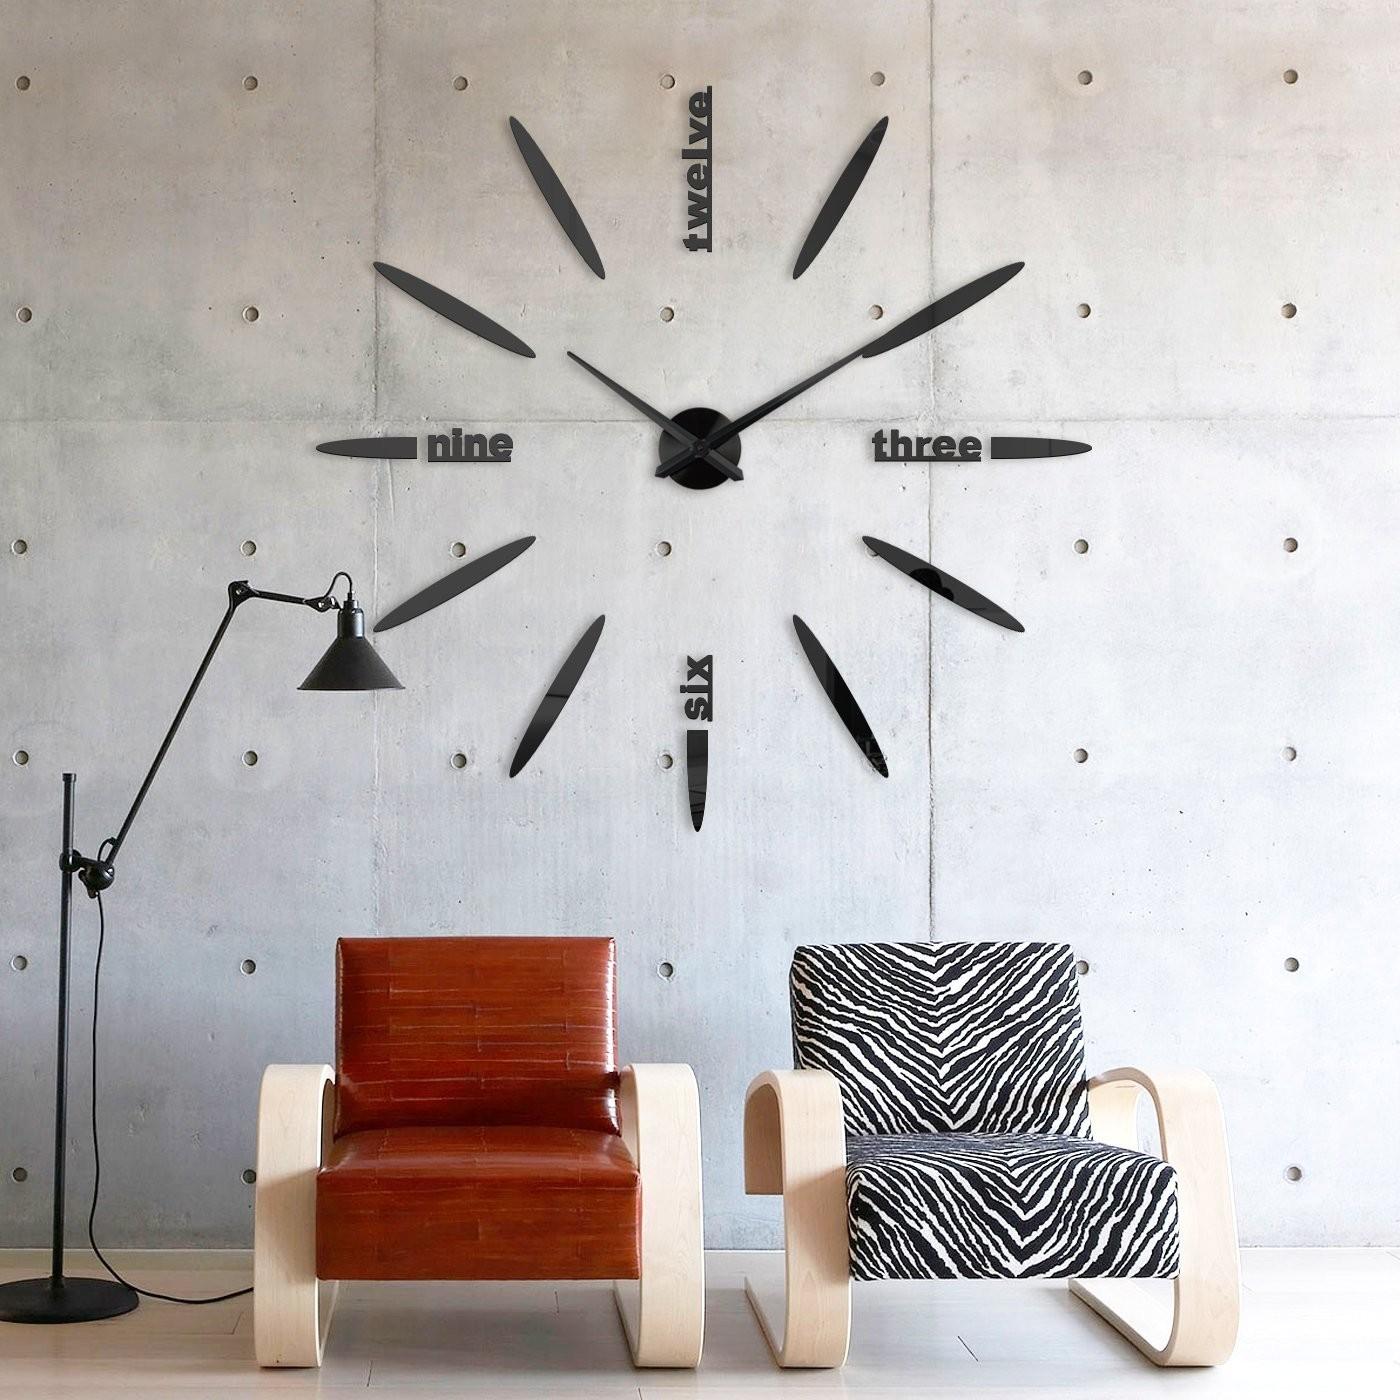 Buy 3D Wall Clocks Online in Pakistan Eliforpk Elifor Online